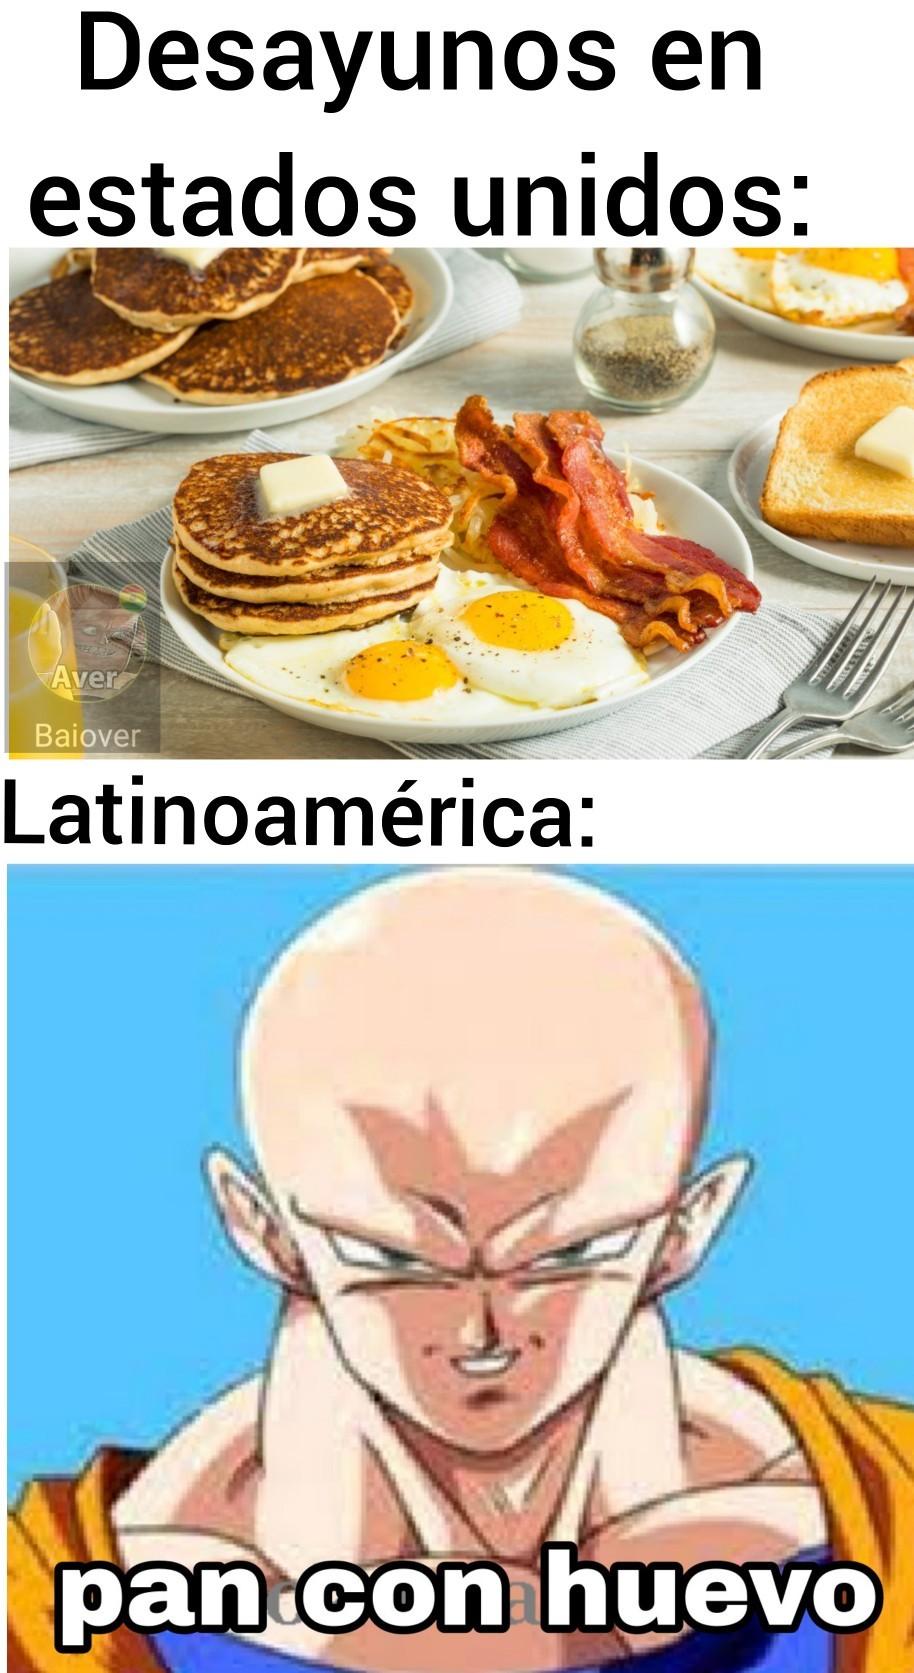 Pan con webo - meme